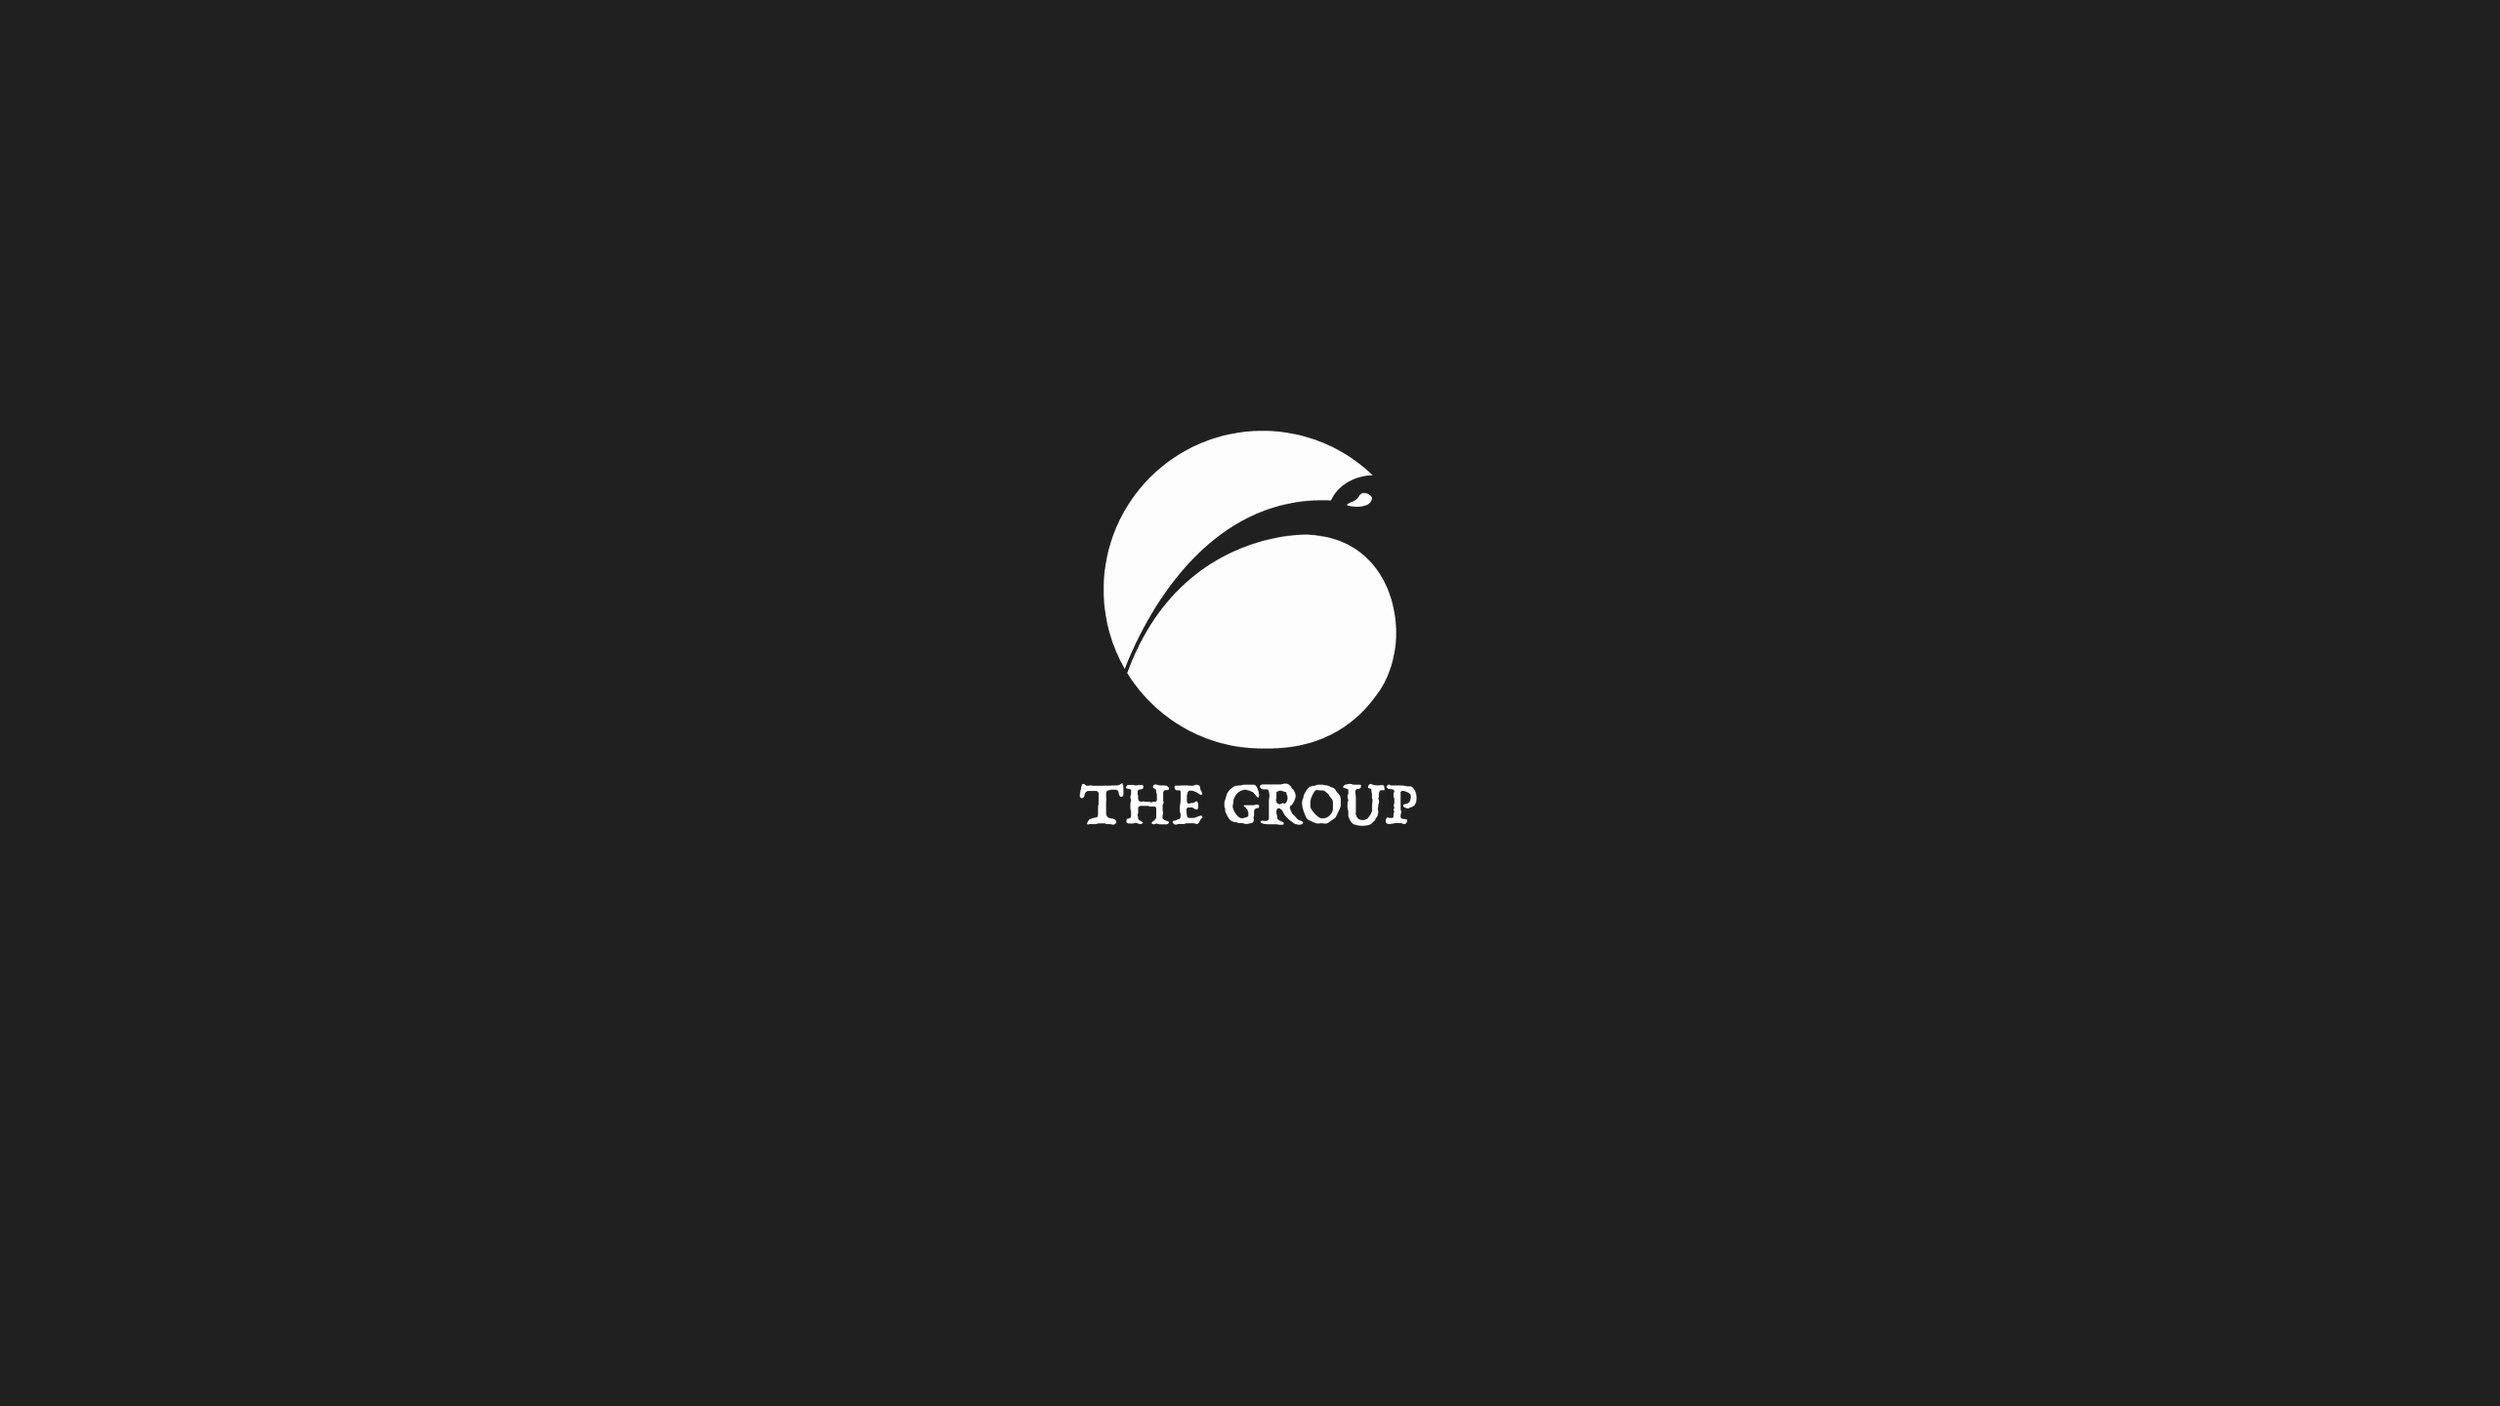 thegroup.jpg